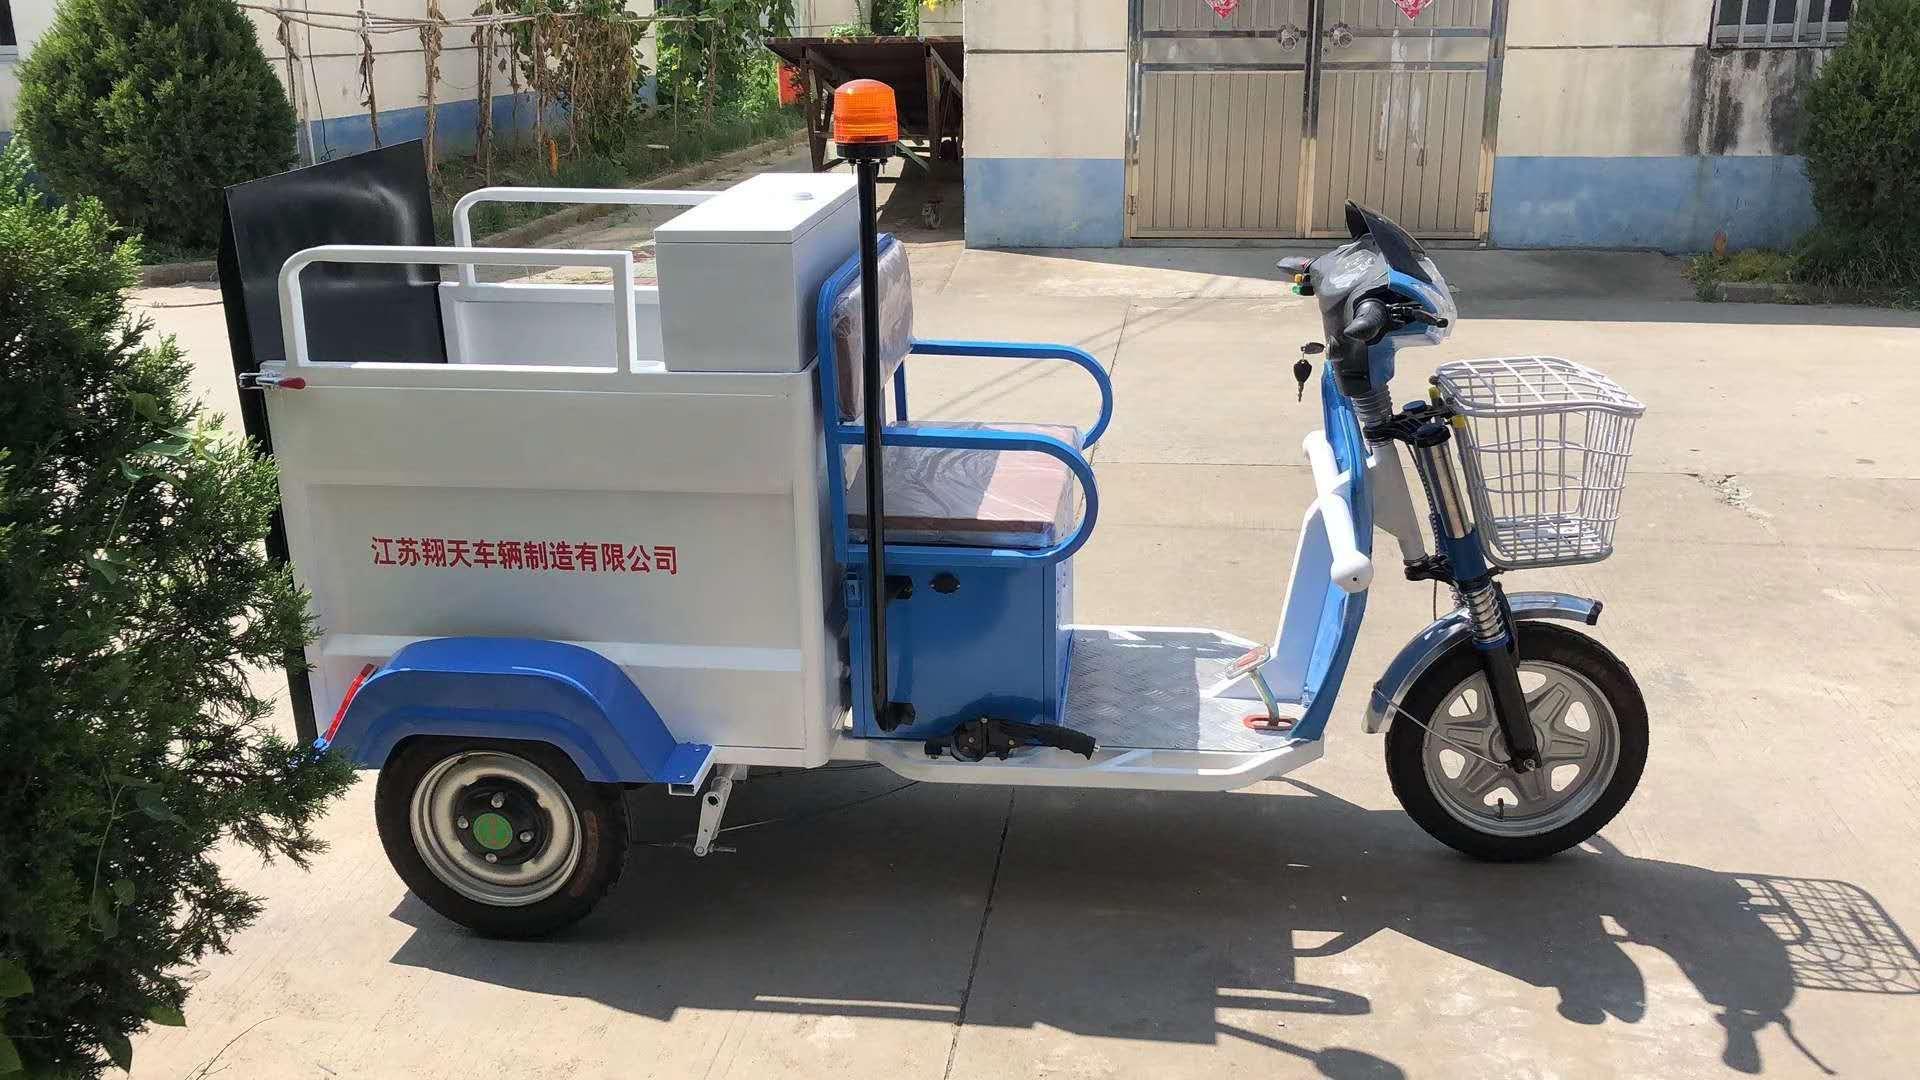 電動三輪垃圾車發走視頻